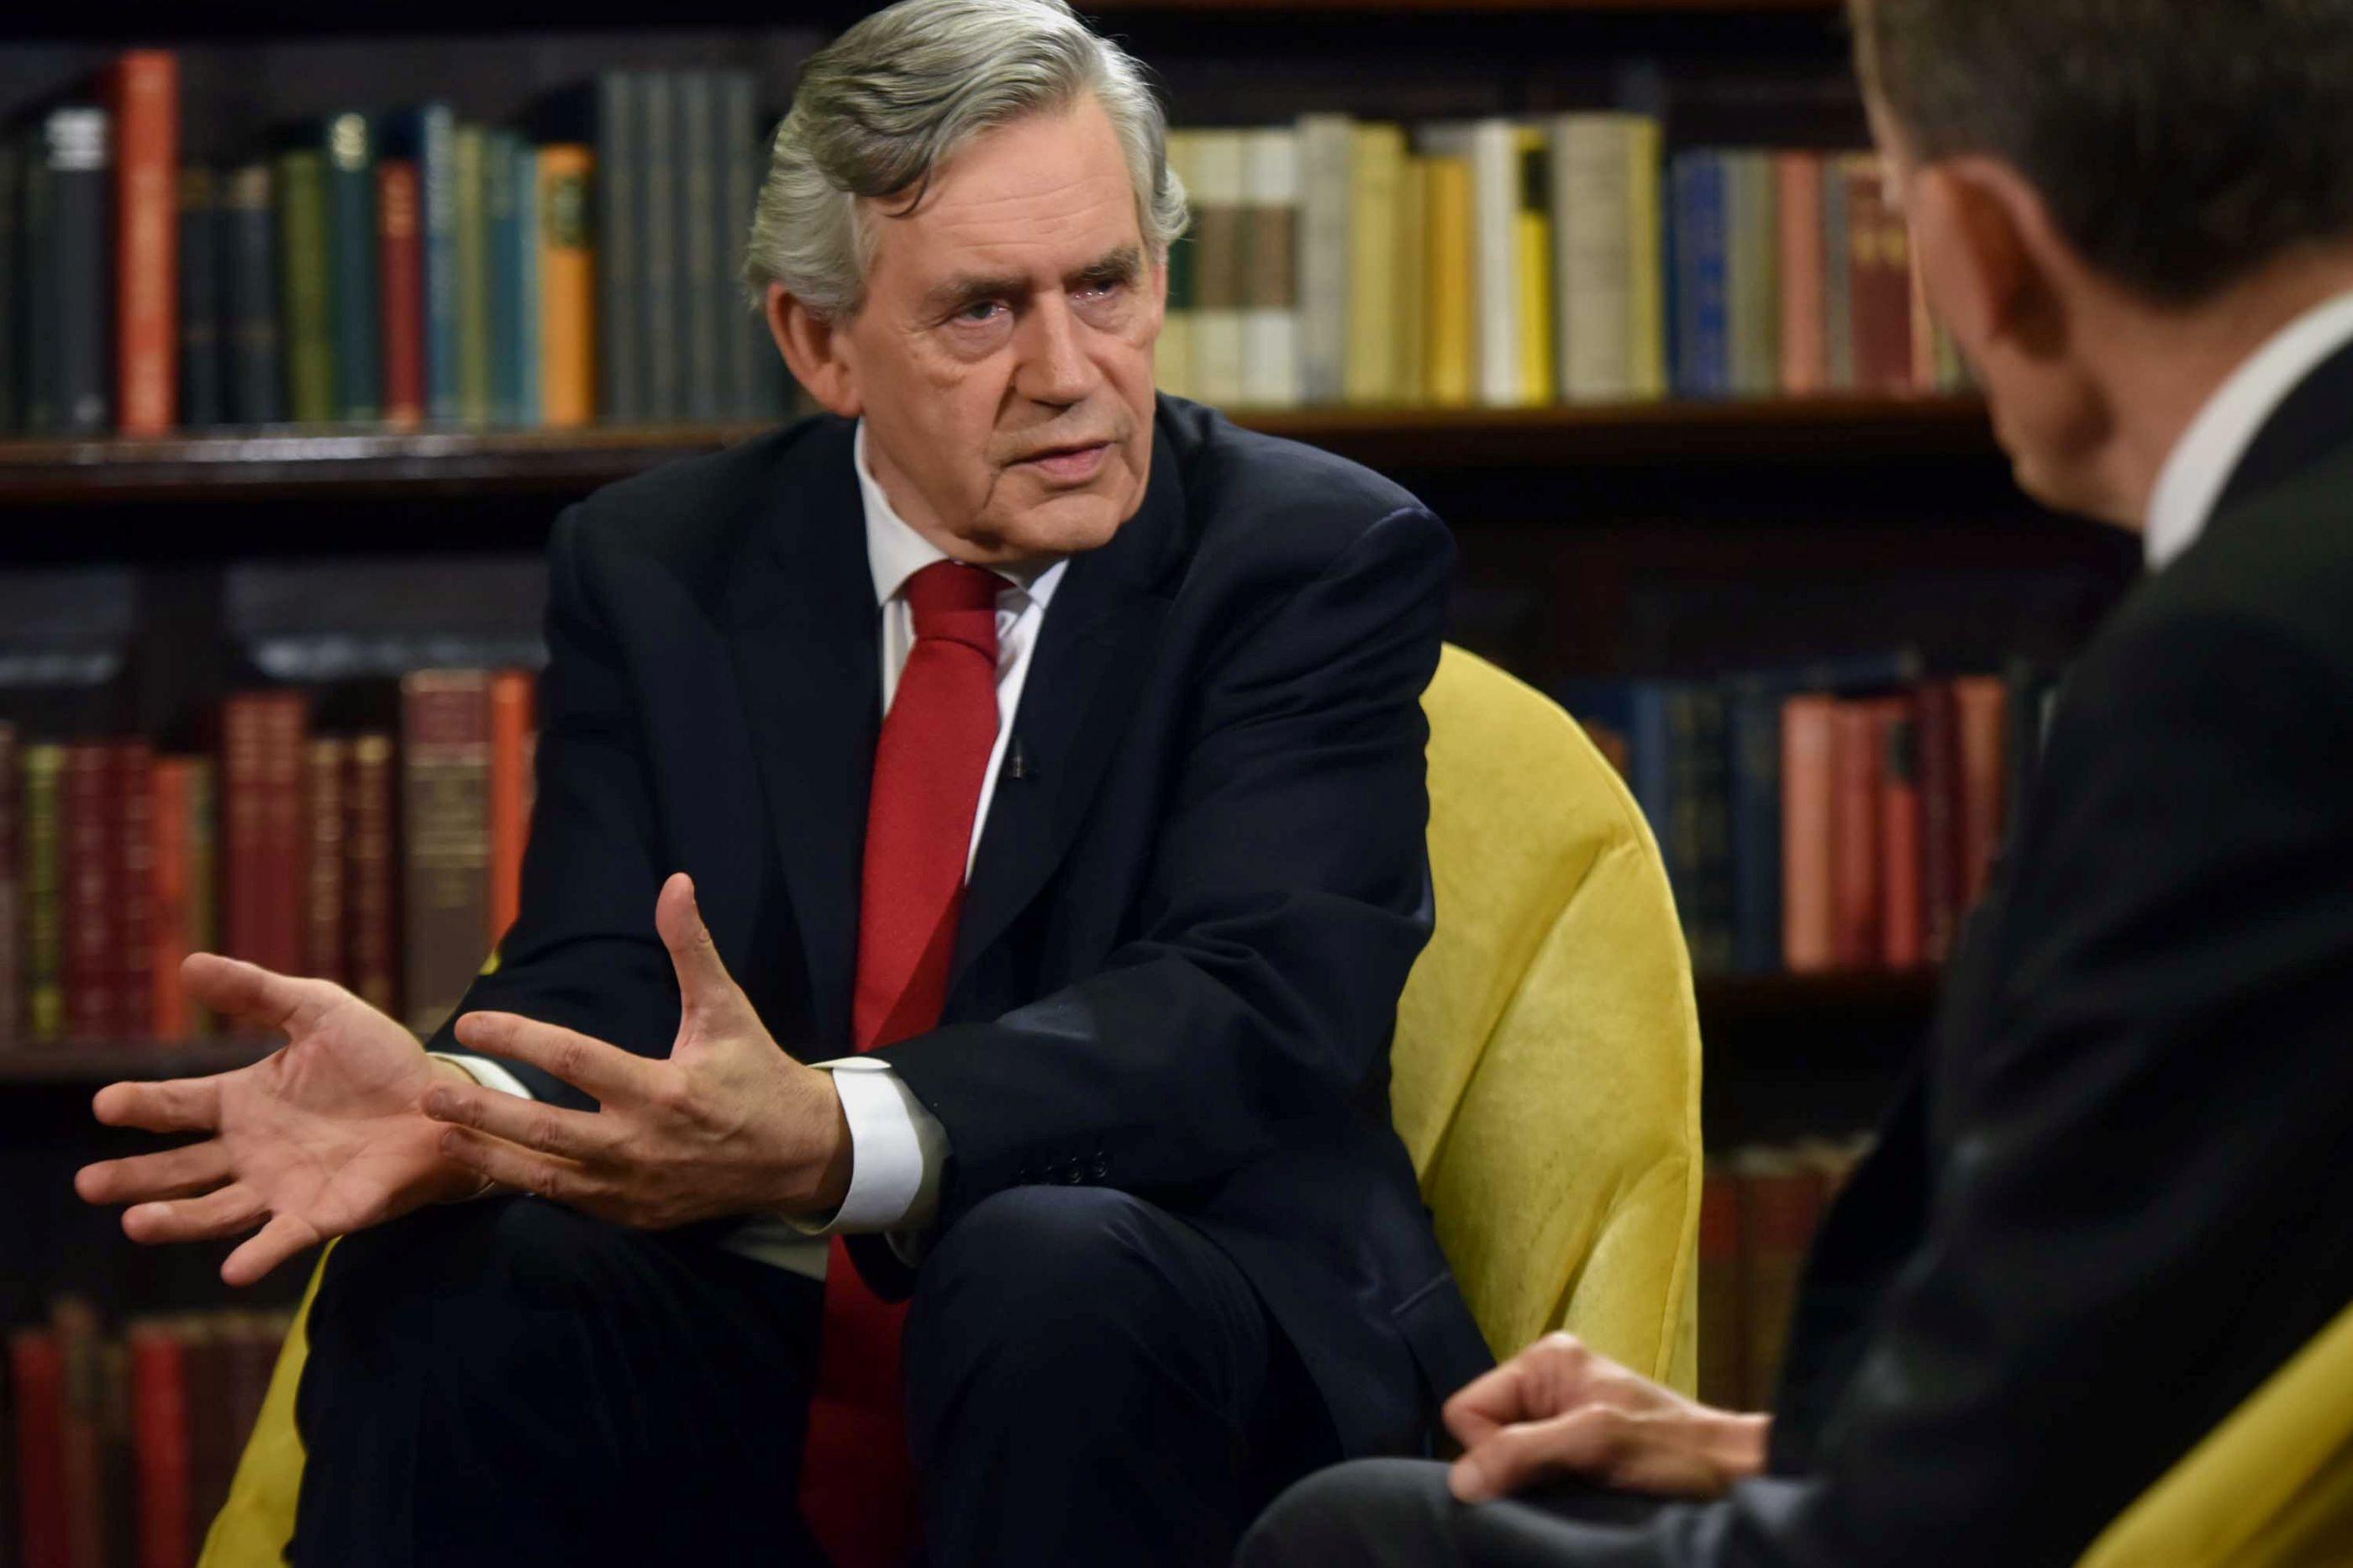 Gordon Brown acredita que haverá um segundo referendo